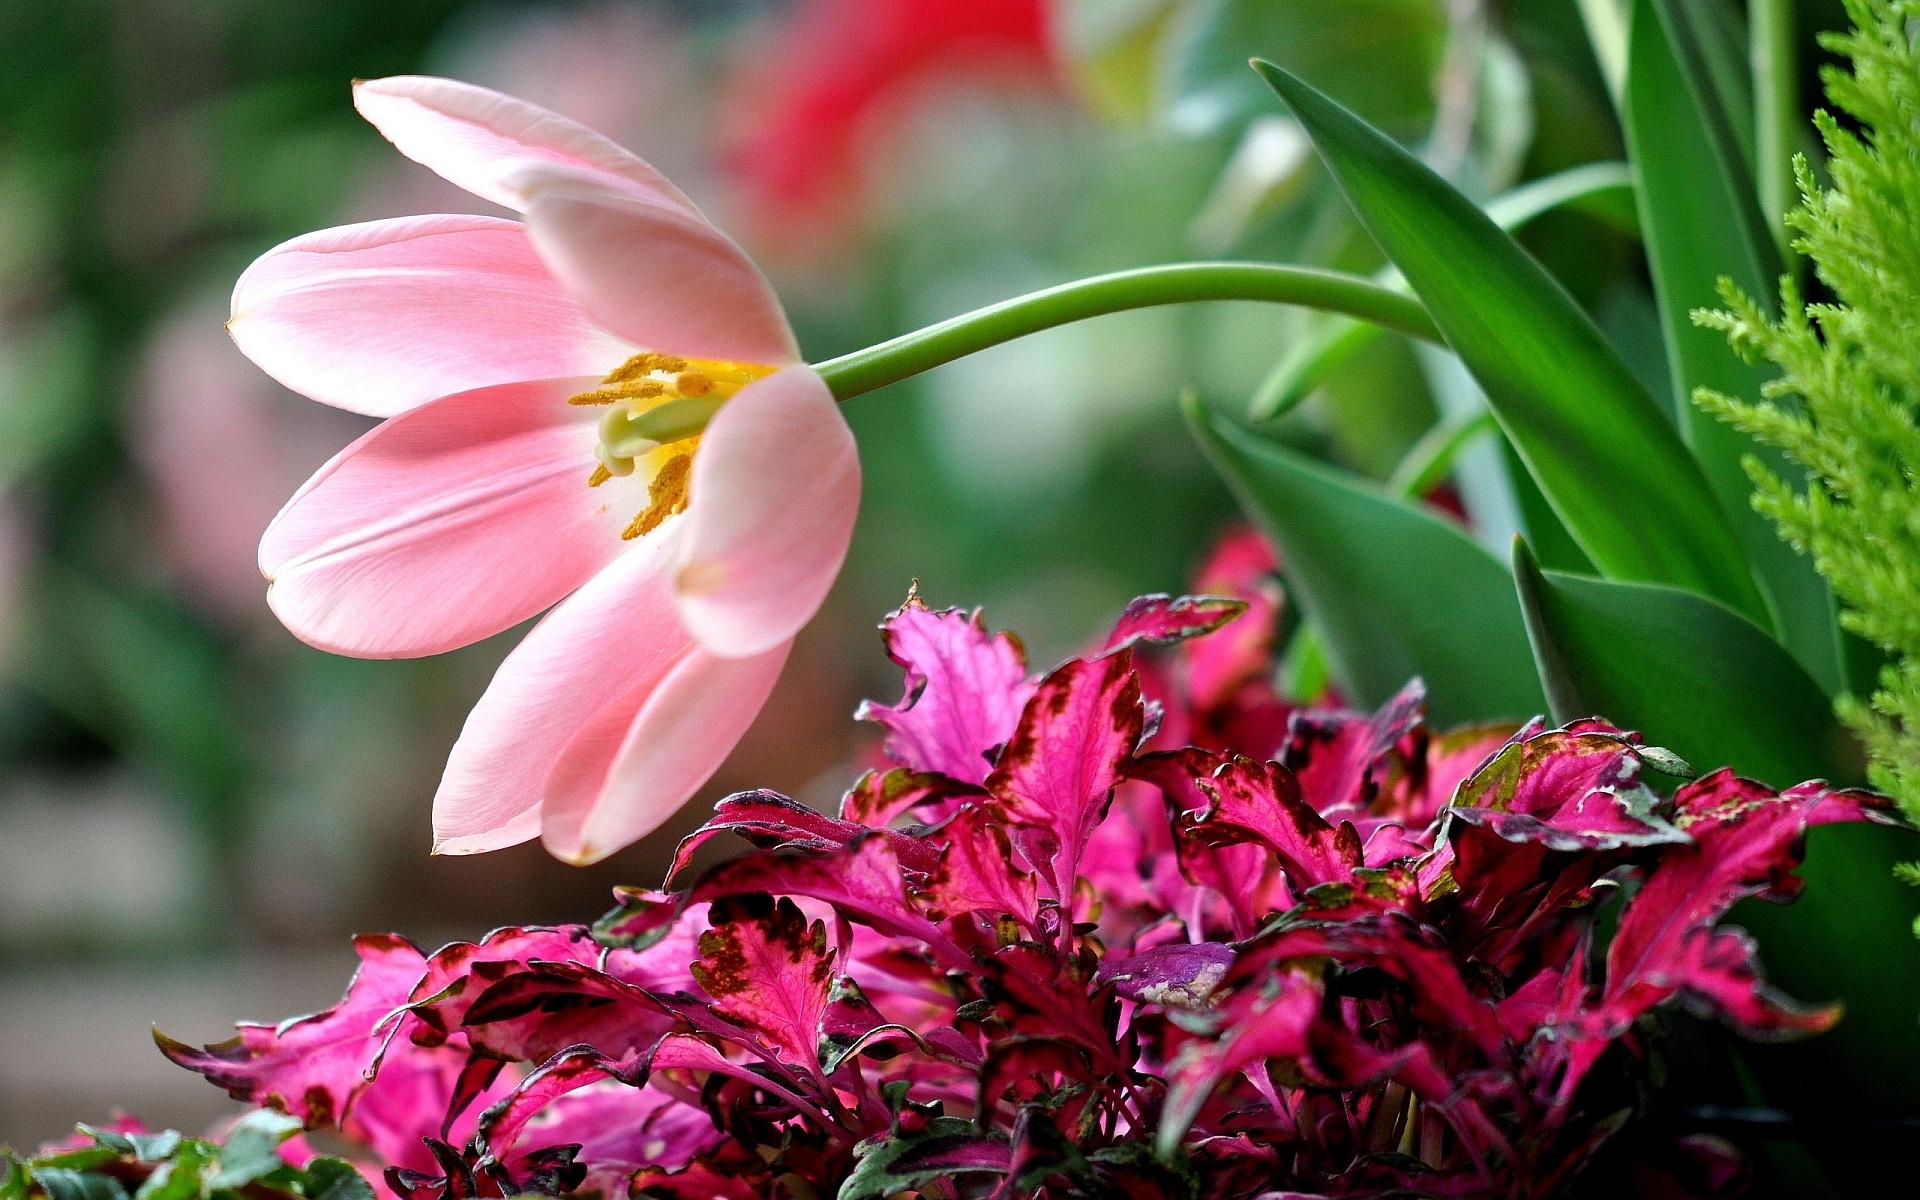 pink flower background - HD Desktop Wallpapers | 4k HD